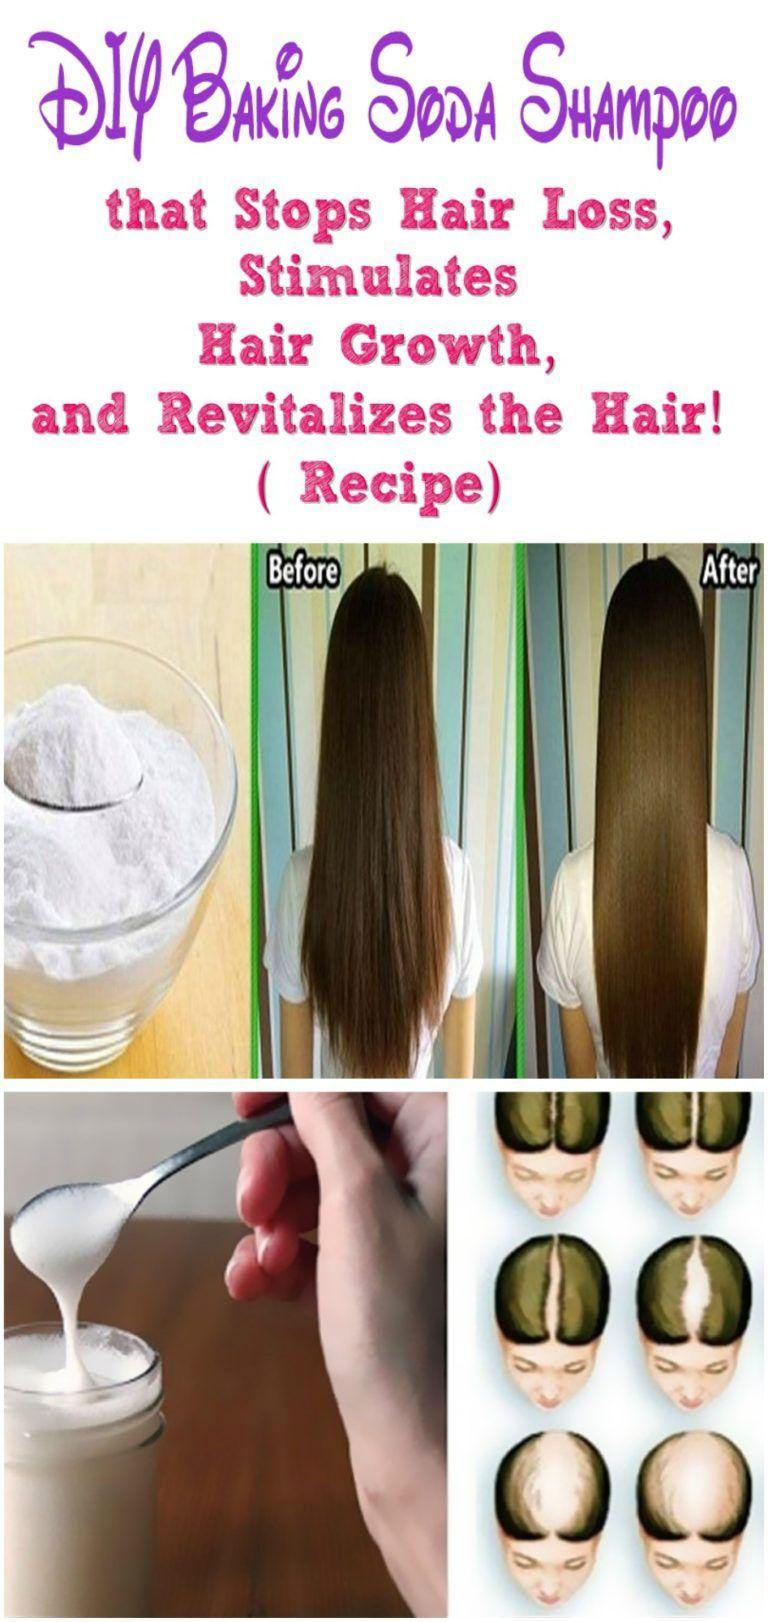 Diy baking soda shampoo that stops hair loss stimulates